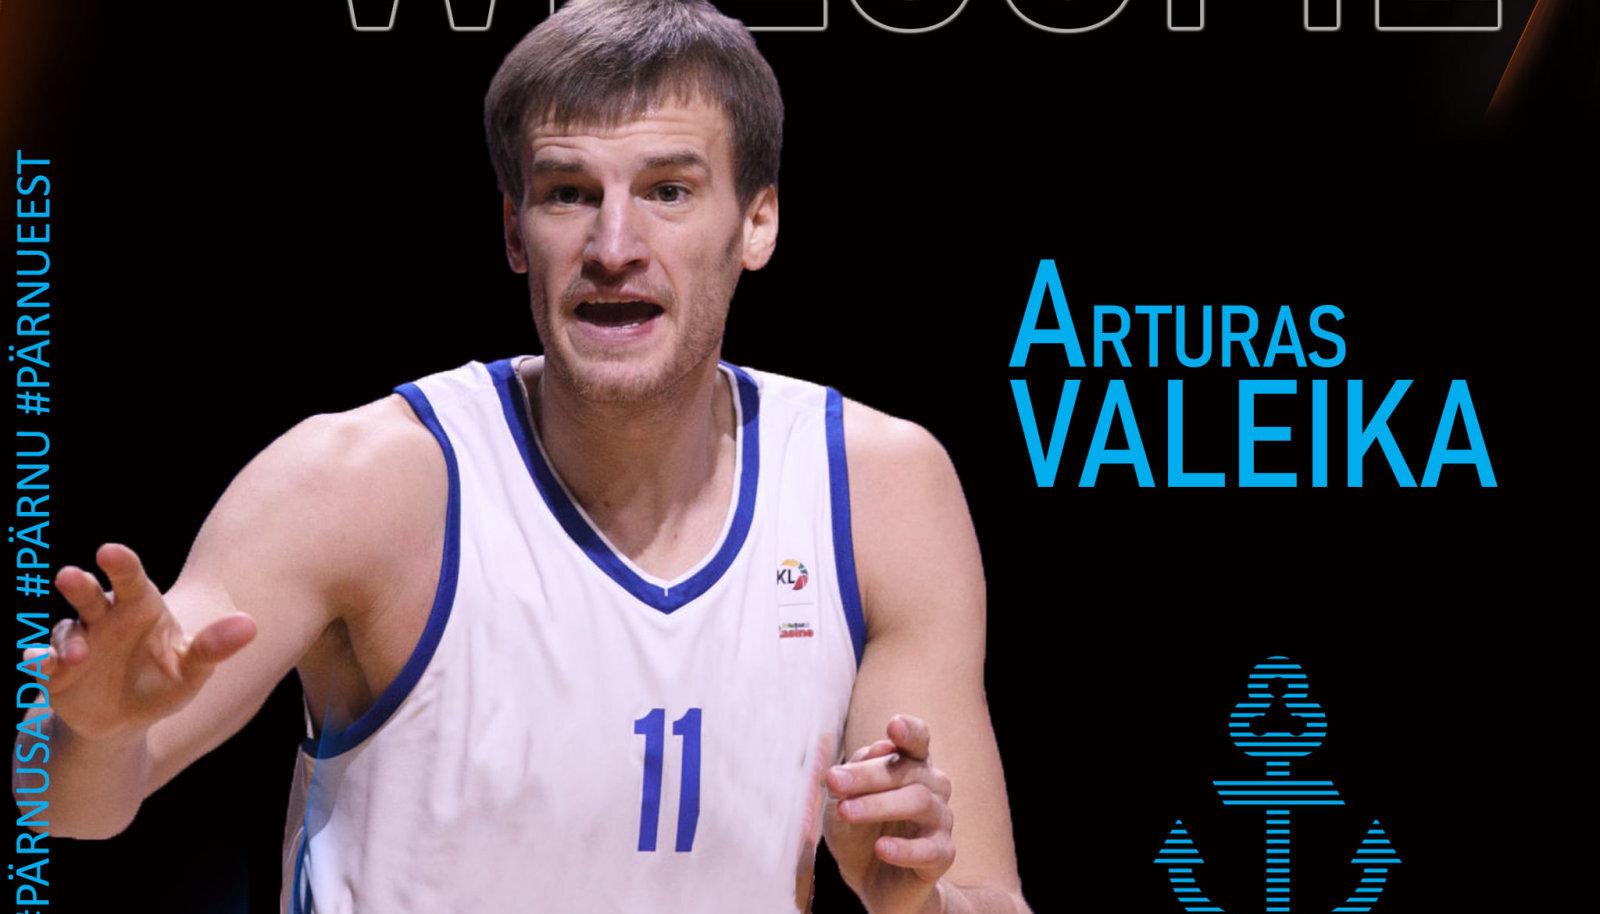 Arturas Valeika